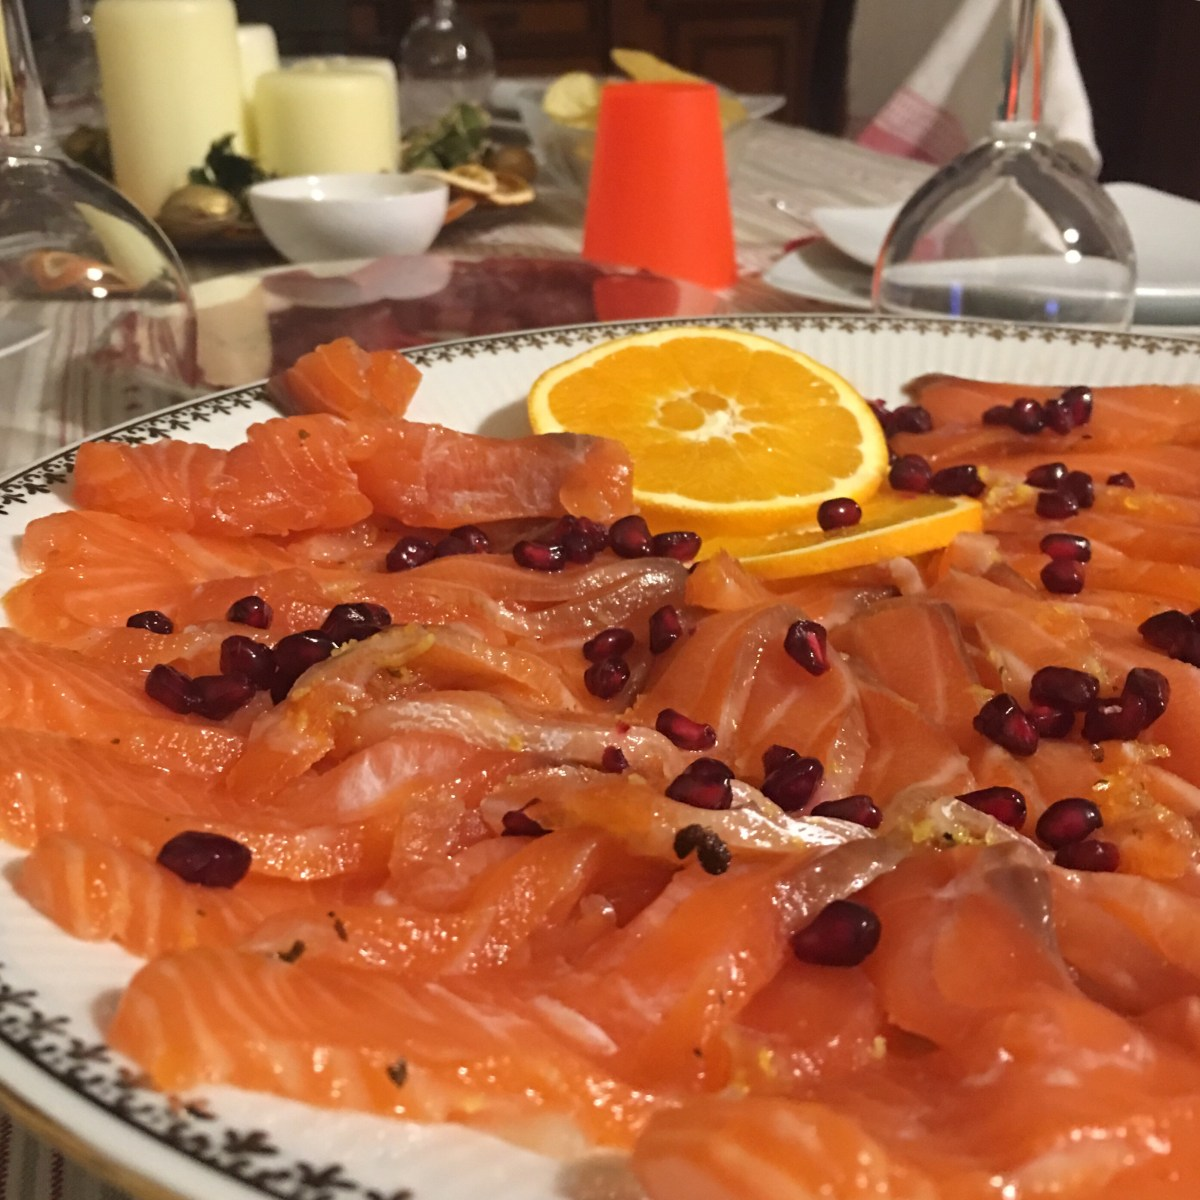 Carpaccio di salmone: il piatto finito